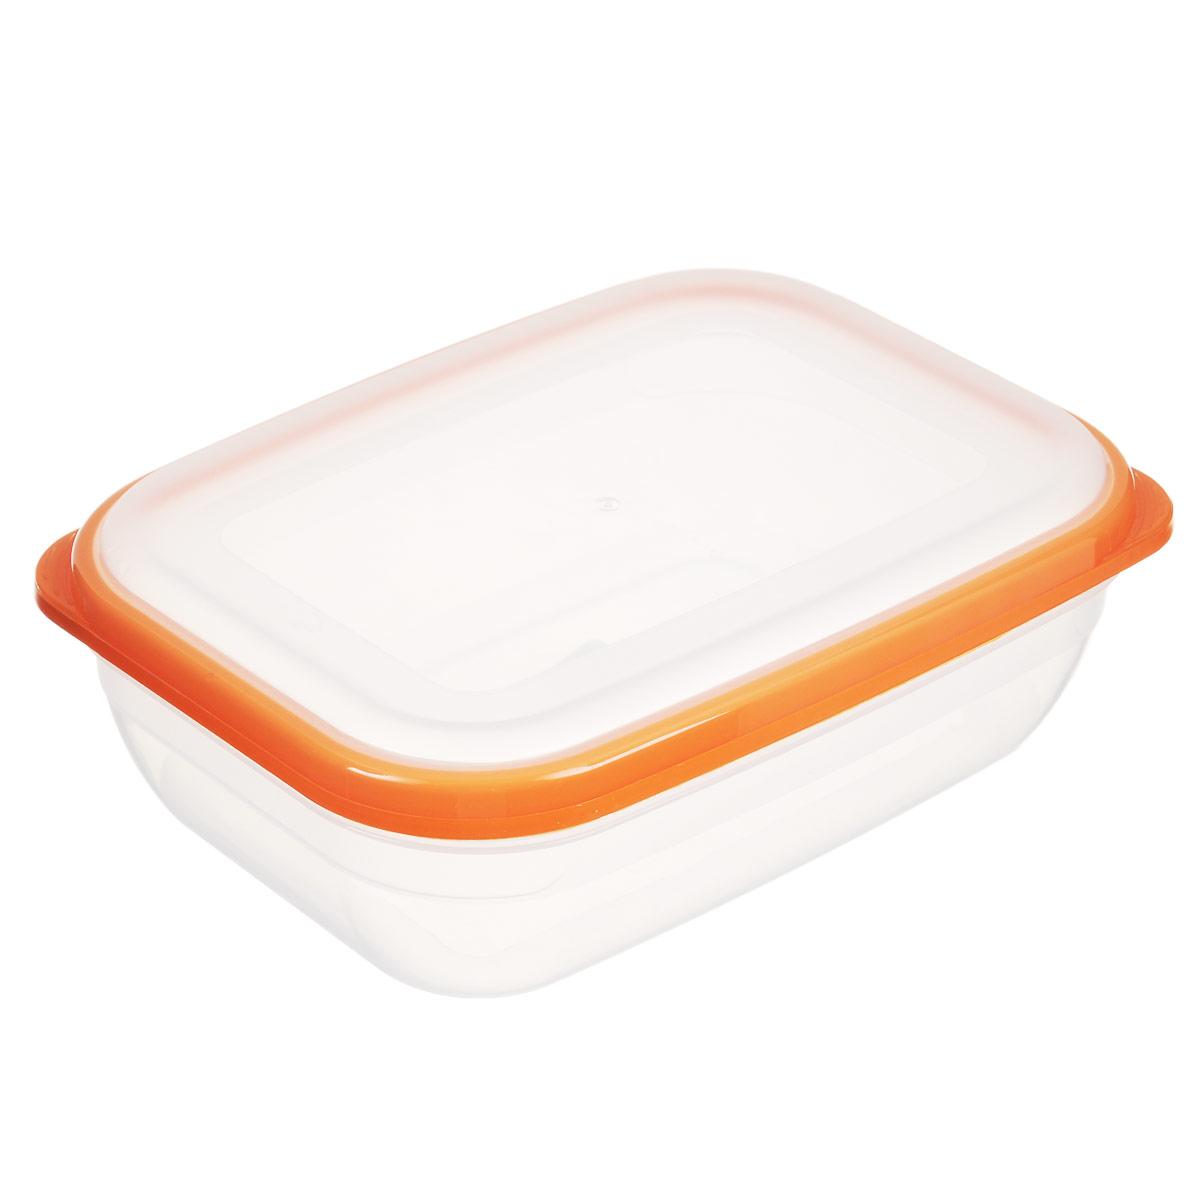 Контейнер для СВЧ Полимербыт Премиум, цвет: оранжевый, 1,2 лС562Прямоугольный контейнер для СВЧ Полимербыт Премиум изготовлен из высококачественного прочного пластика, устойчивого к высоким температурам (до +110°С). Крышка плотно и герметично закрывается, дольше сохраняя продукты свежими и вкусными. Контейнер идеально подходит для хранения пищи, его удобно брать с собой на работу, учебу, пикник или просто использовать для хранения пищи в холодильнике.Подходит для разогрева пищи в микроволновой печи и для заморозки в морозильной камере (при минимальной температуре -40°С). Можно мыть в посудомоечной машине.